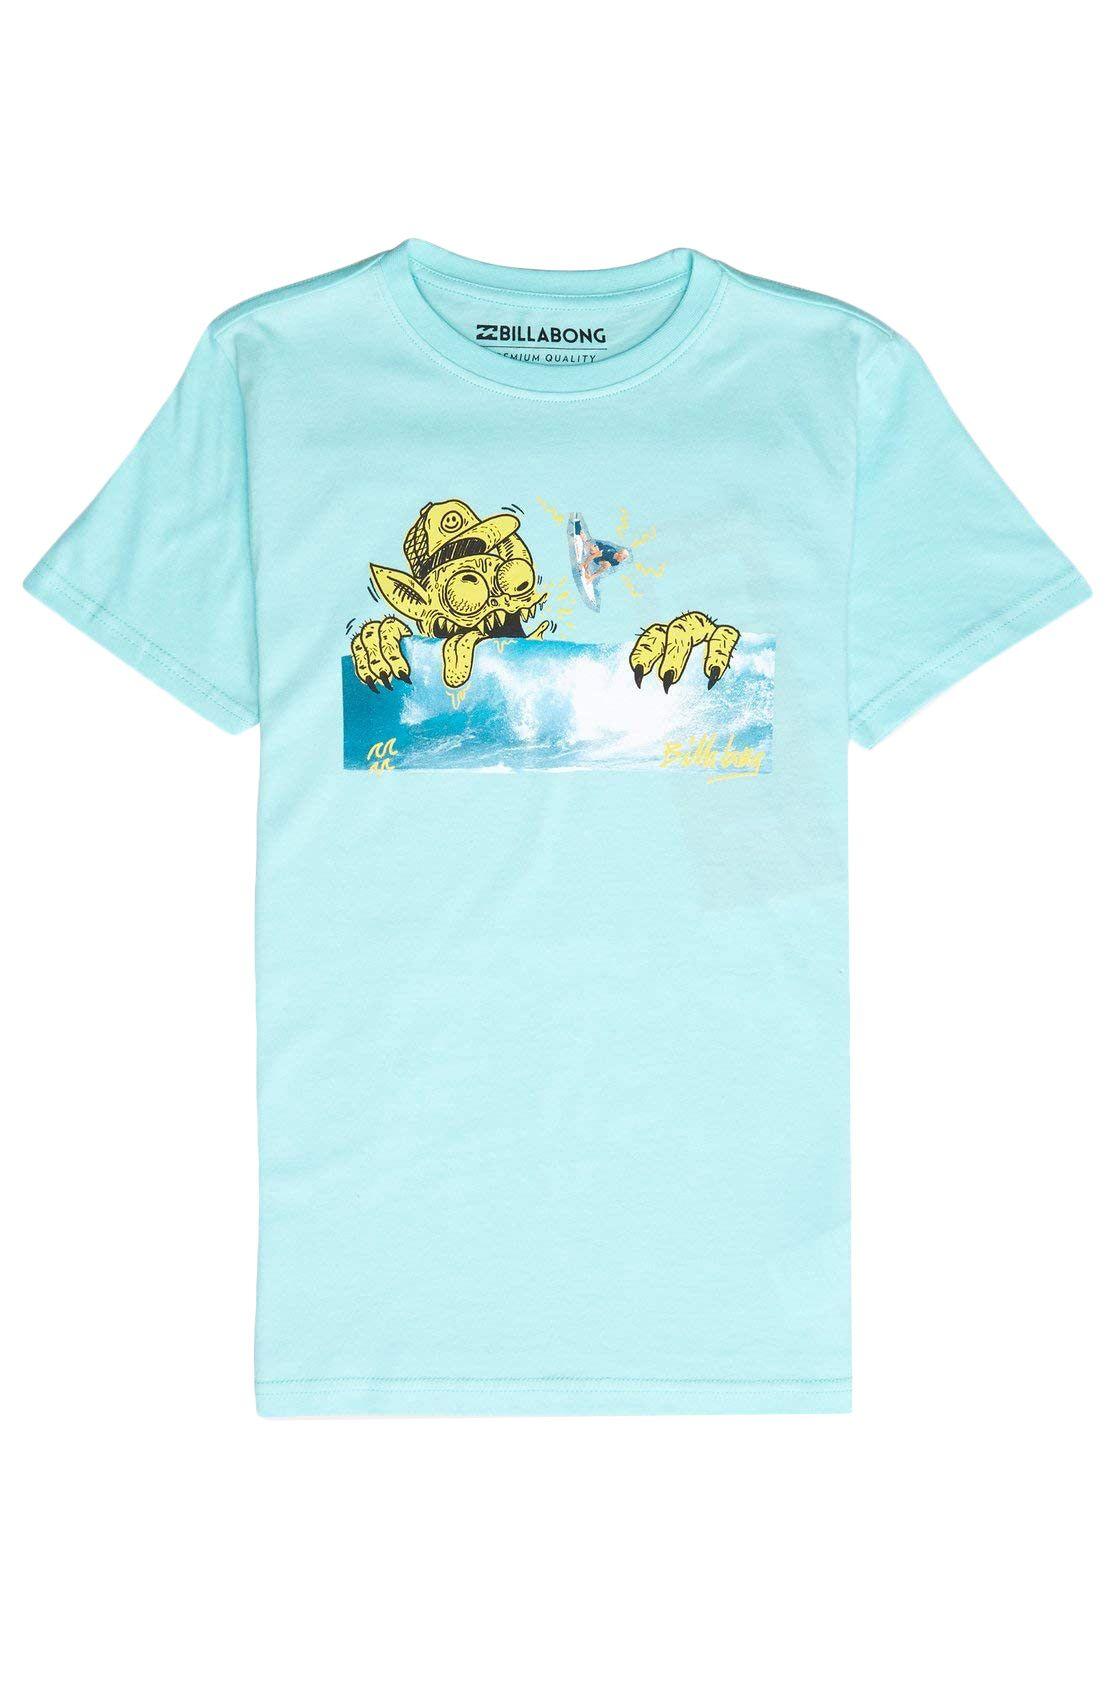 T-Shirt Billabong PSYKO AIR Spearmint